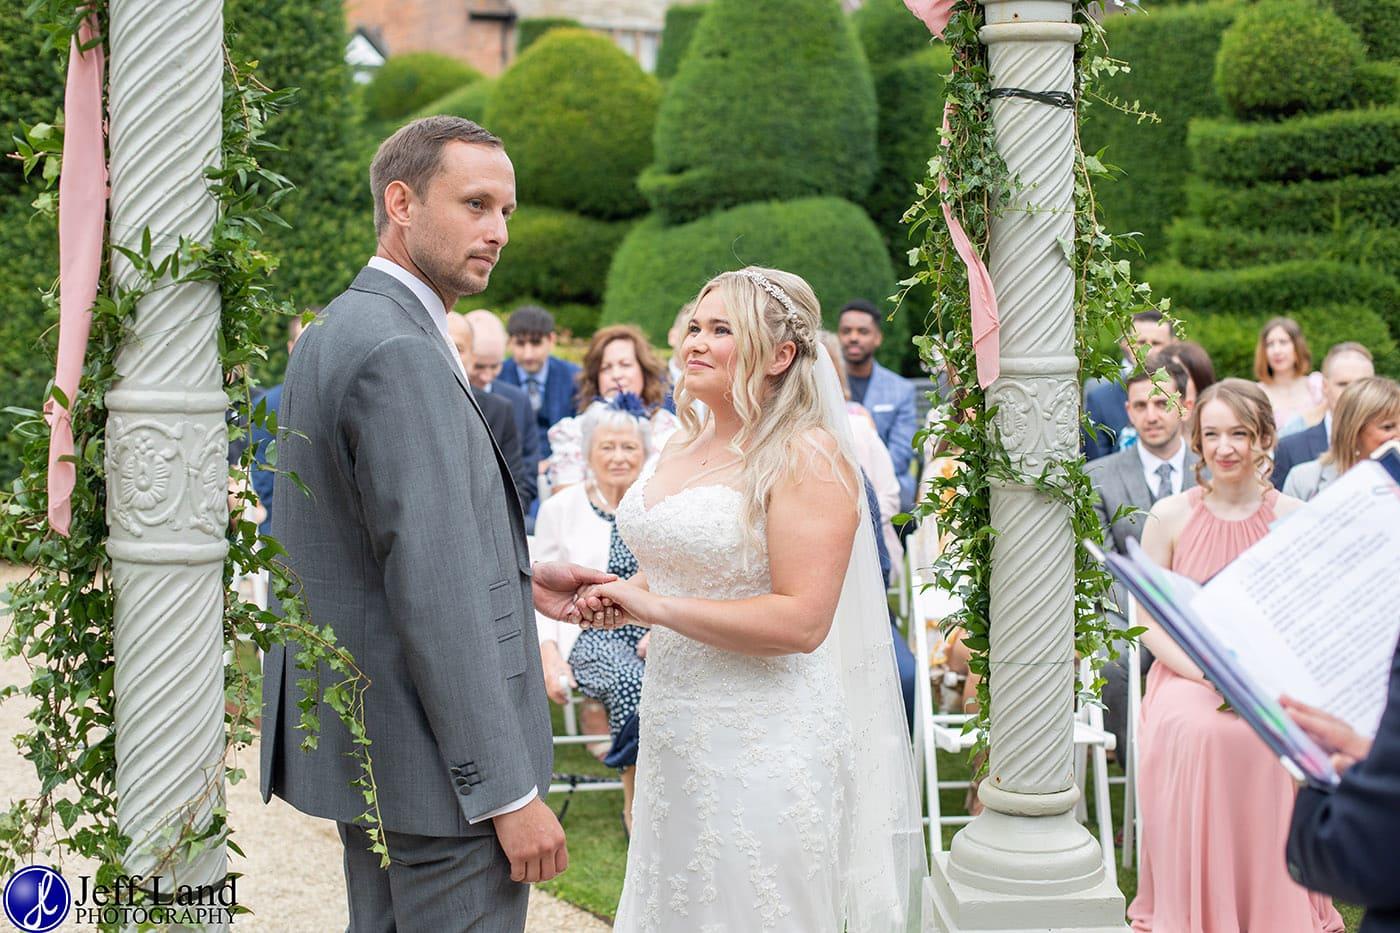 Billesley Manor Outdoor Wedding Ceremony